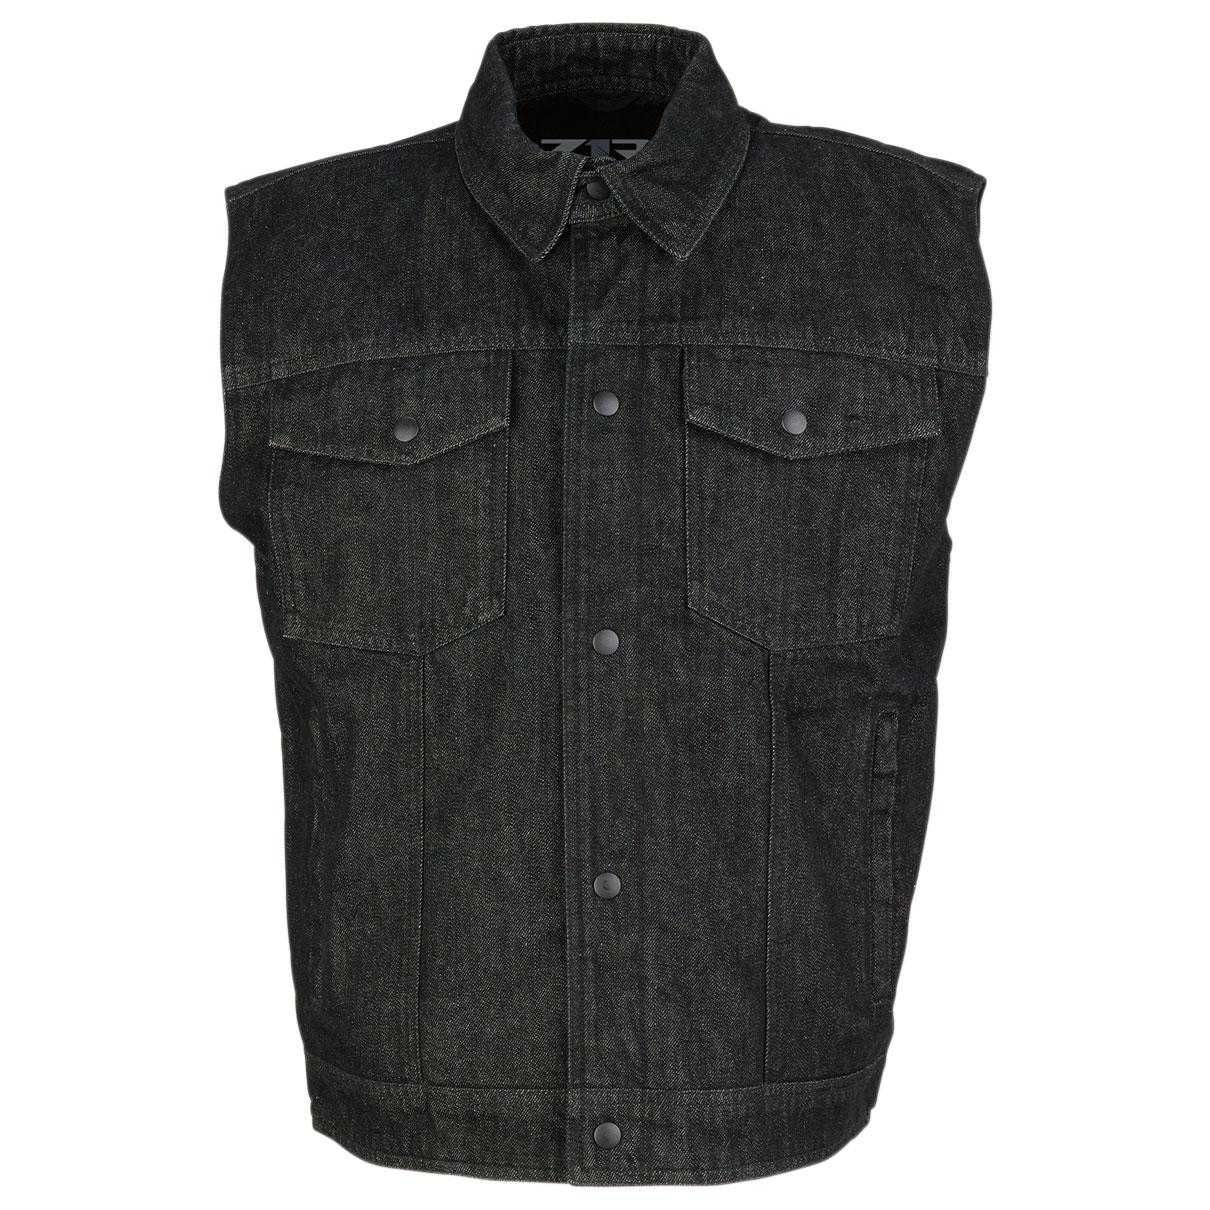 Z1R Men's Black Denim Vest